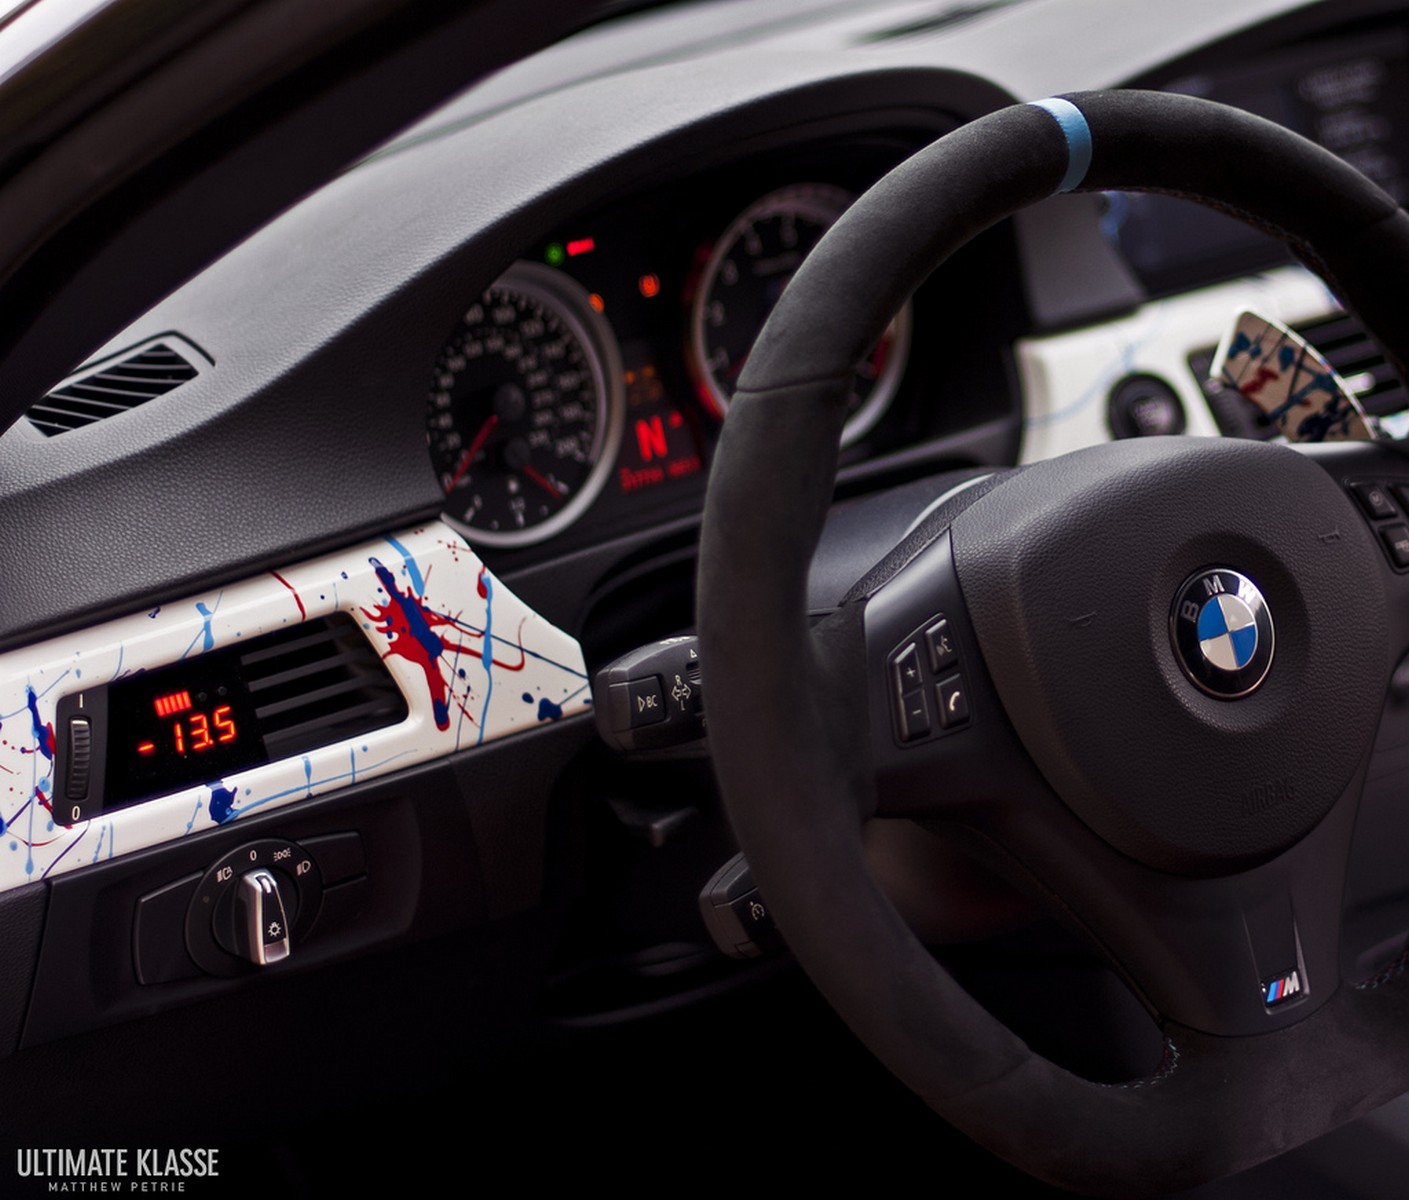 Bmw M3 Interior: Big Purp BMW E92 M3 VT2-650 By Autocouture